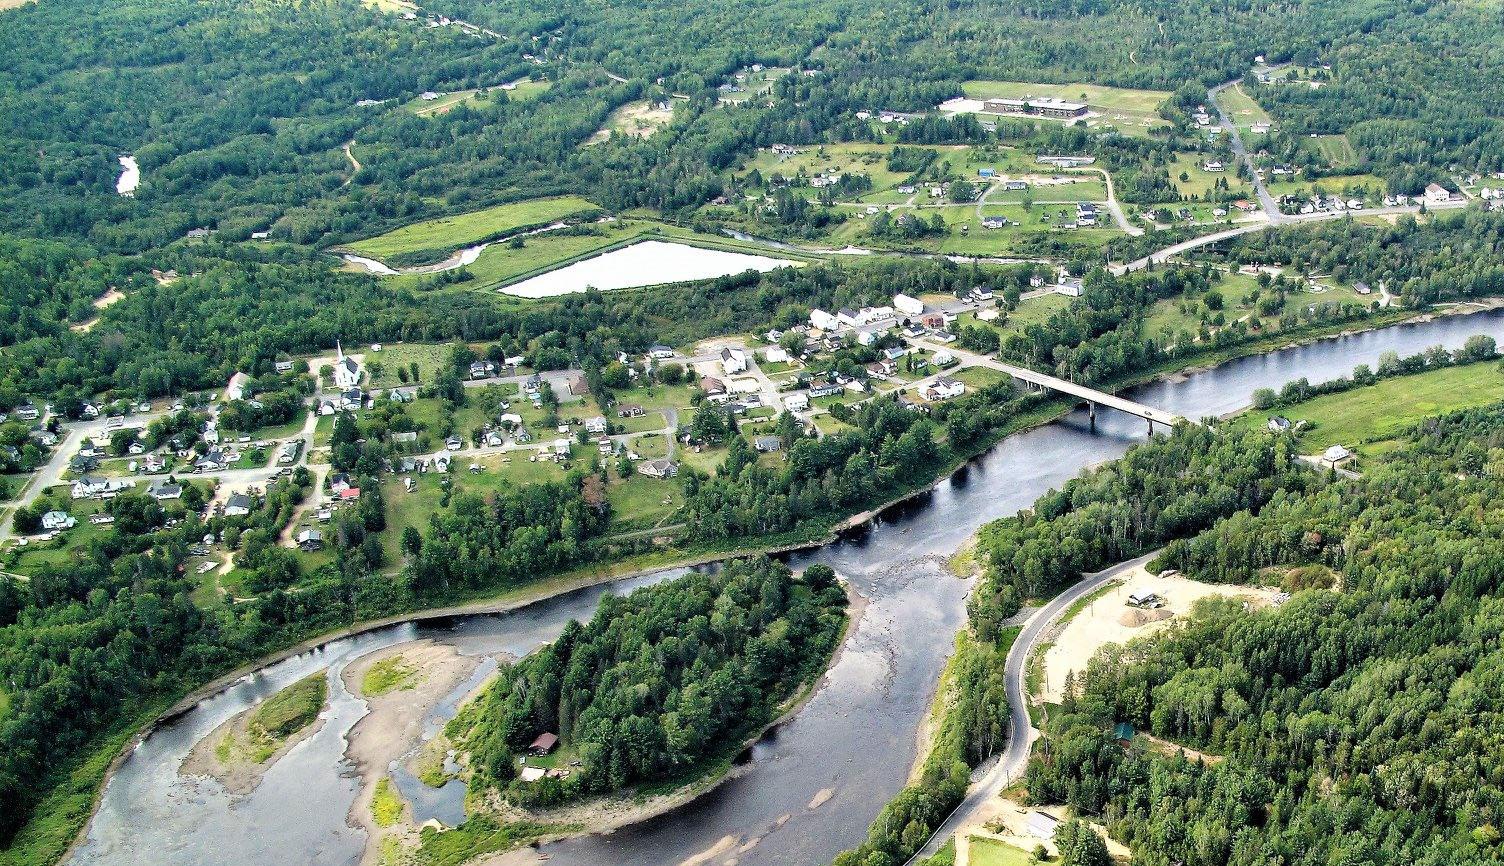 Village of Blackville